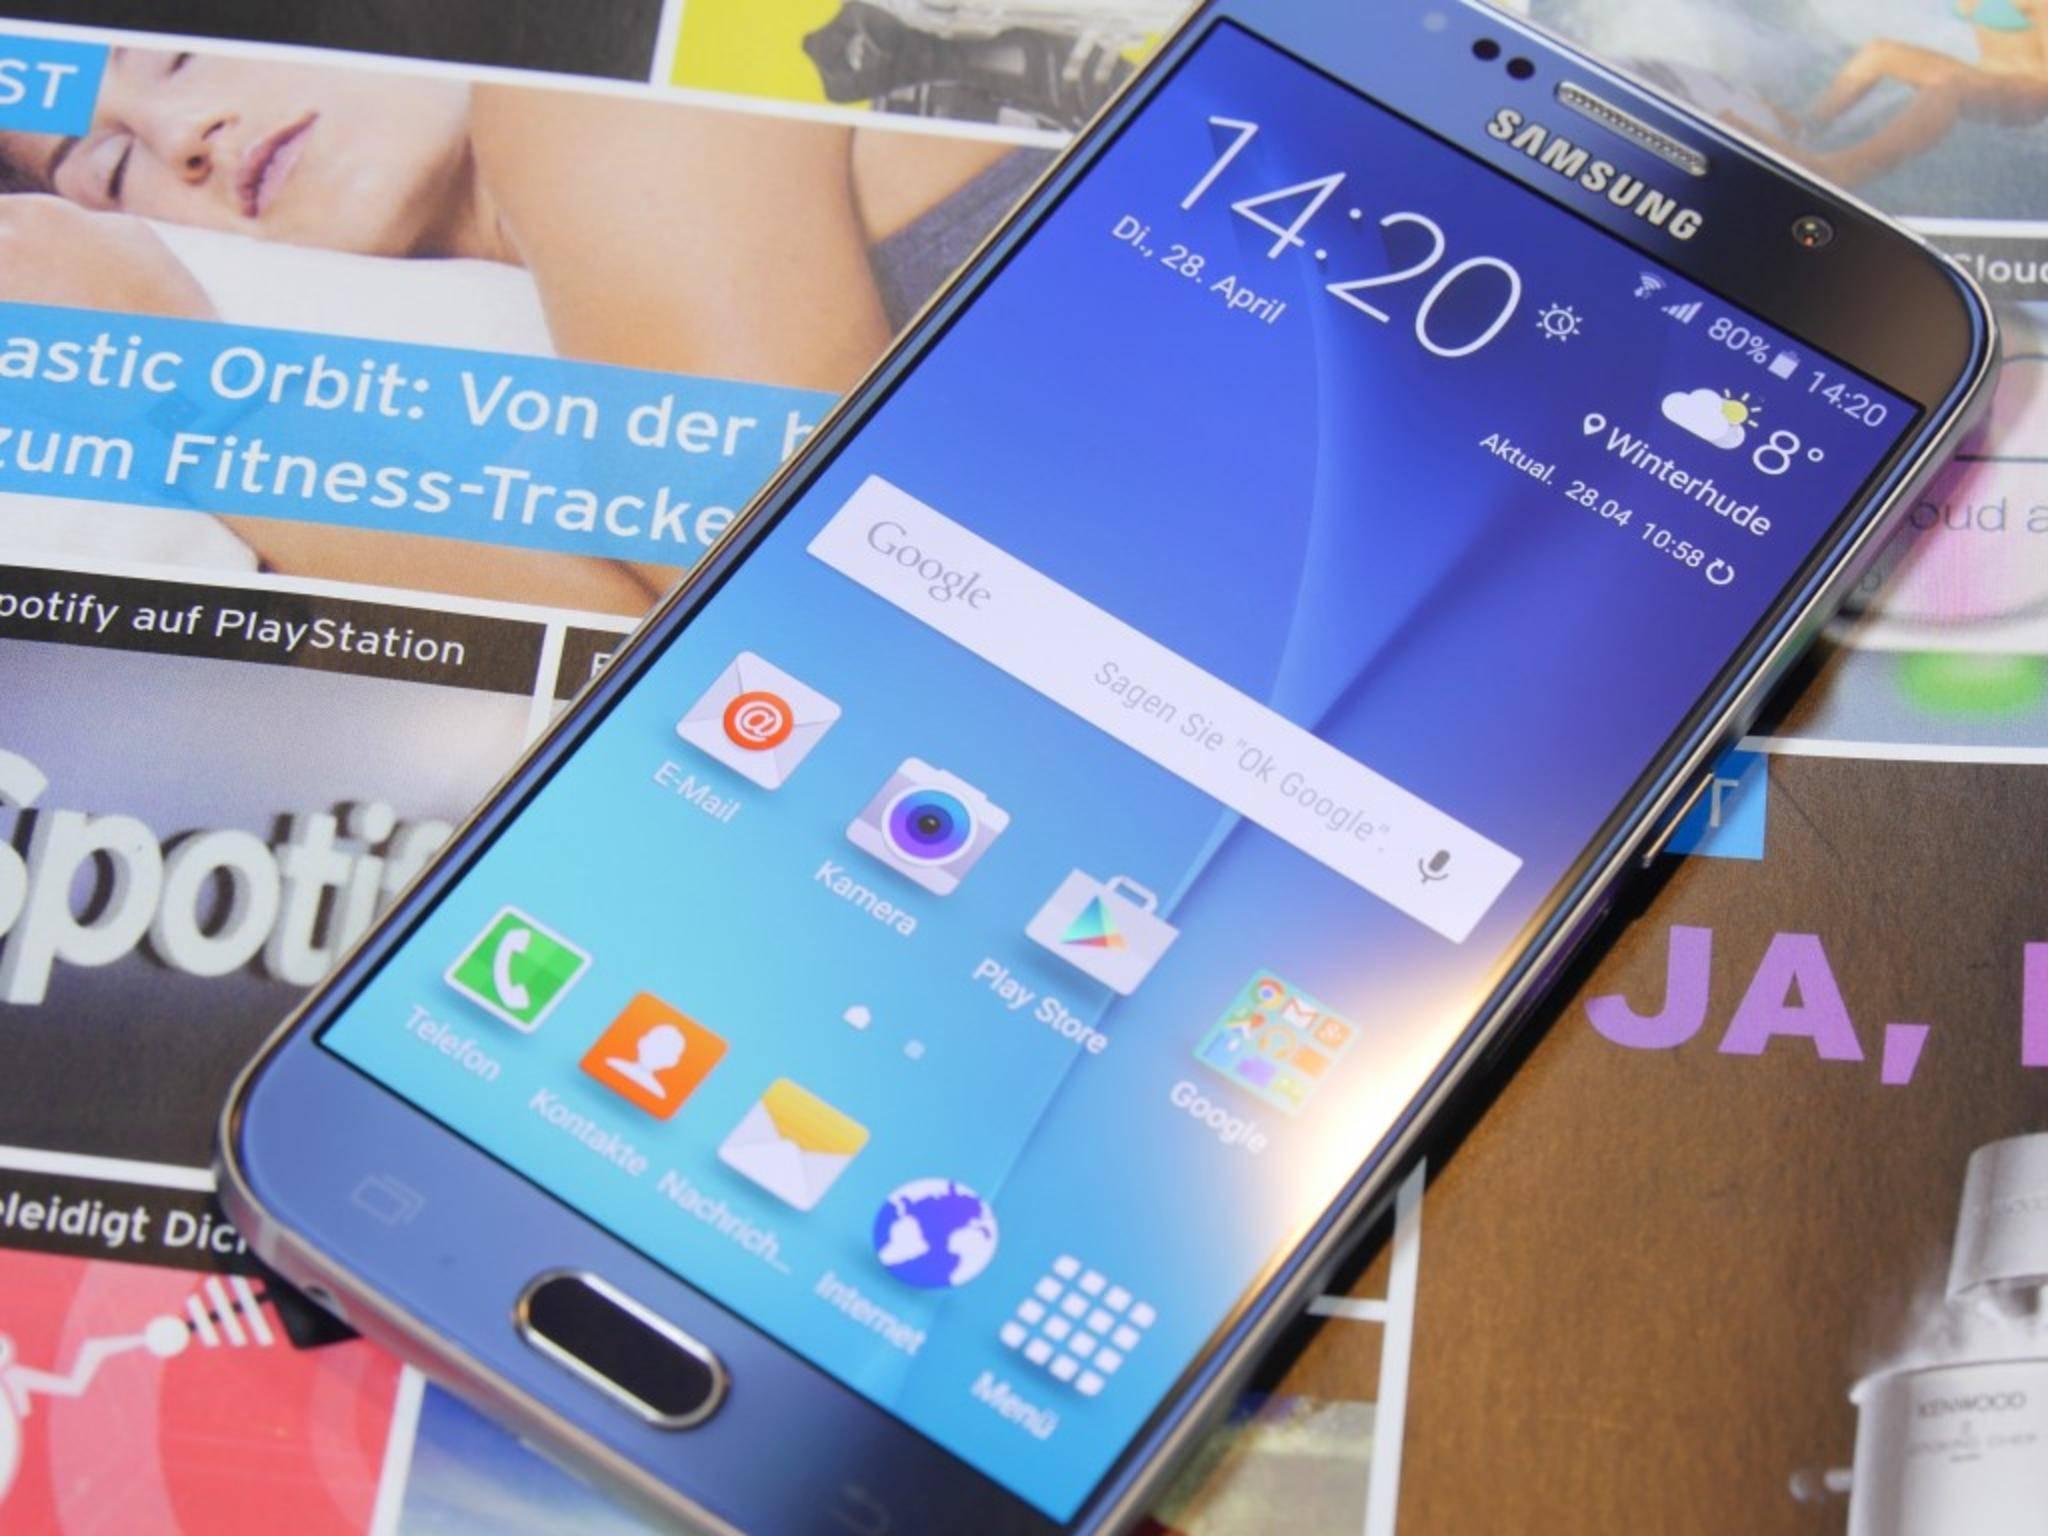 Der Nachfolger zum Samsung Galaxy S6 dürfte noch bis 2016 auf sich warten lassen.